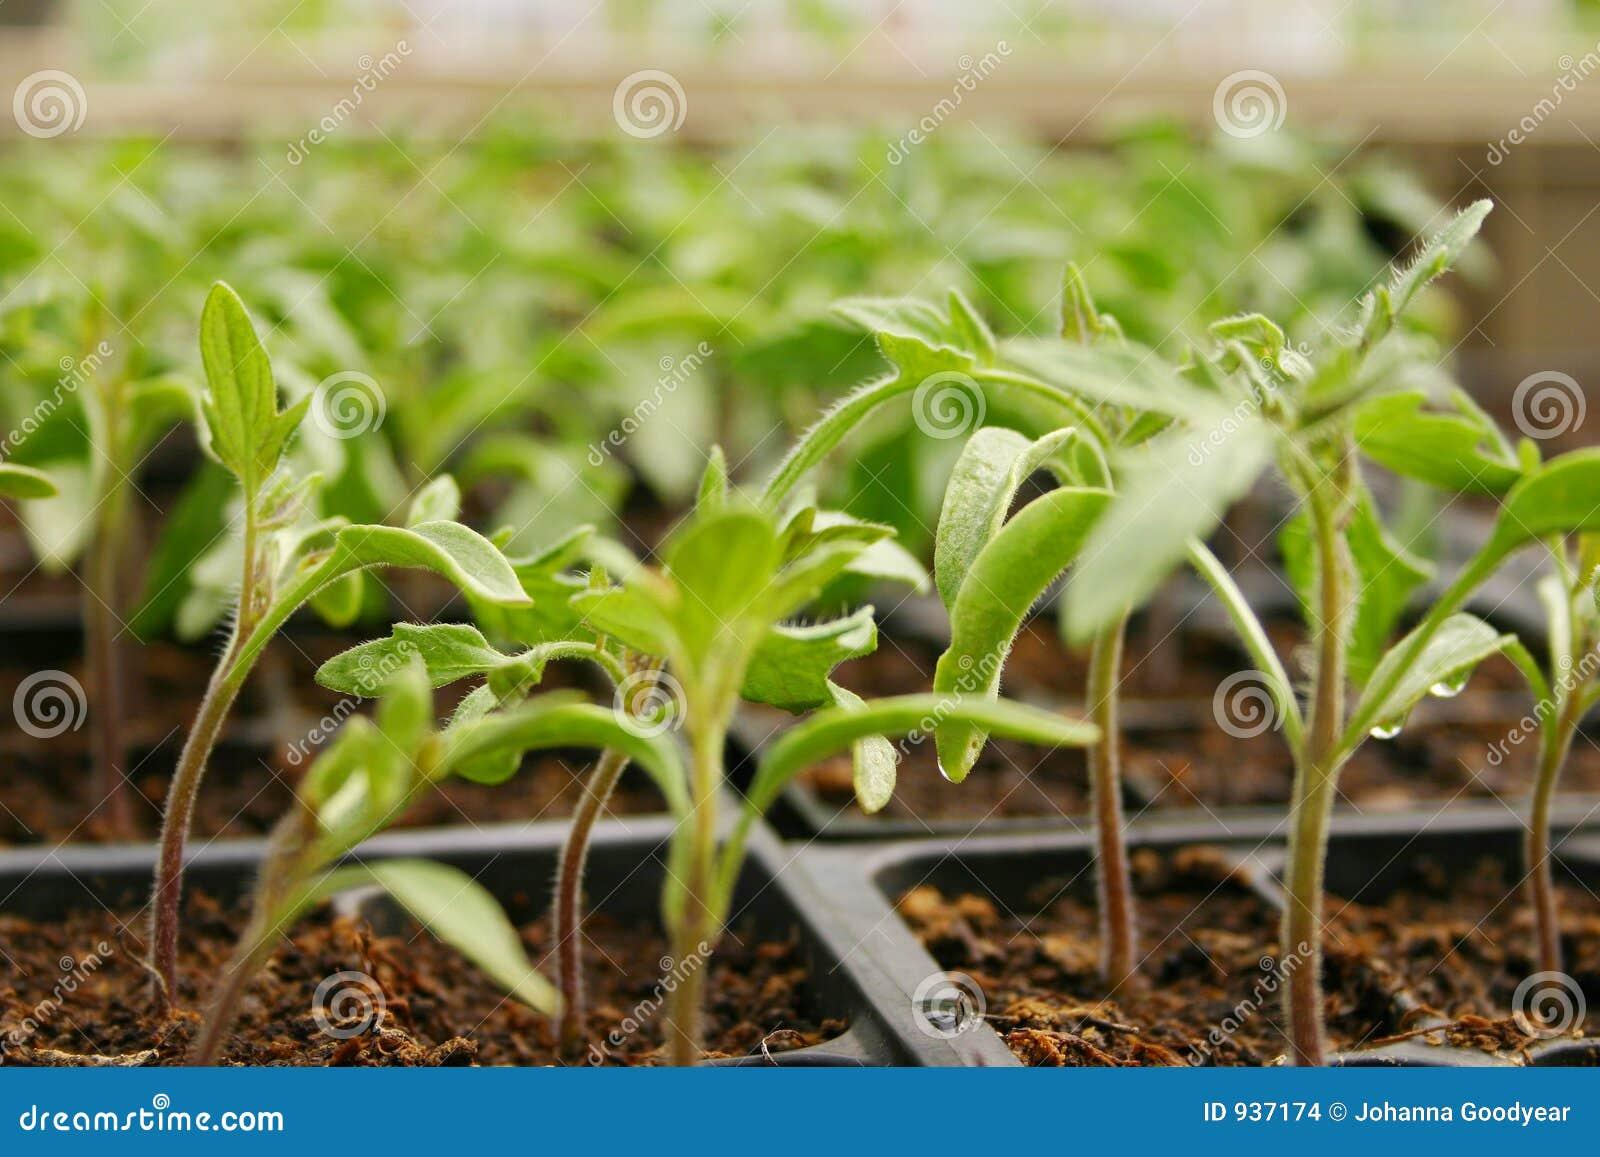 Plantas de invernadero imagenes de archivo imagen 937174 Plantas de invernadero